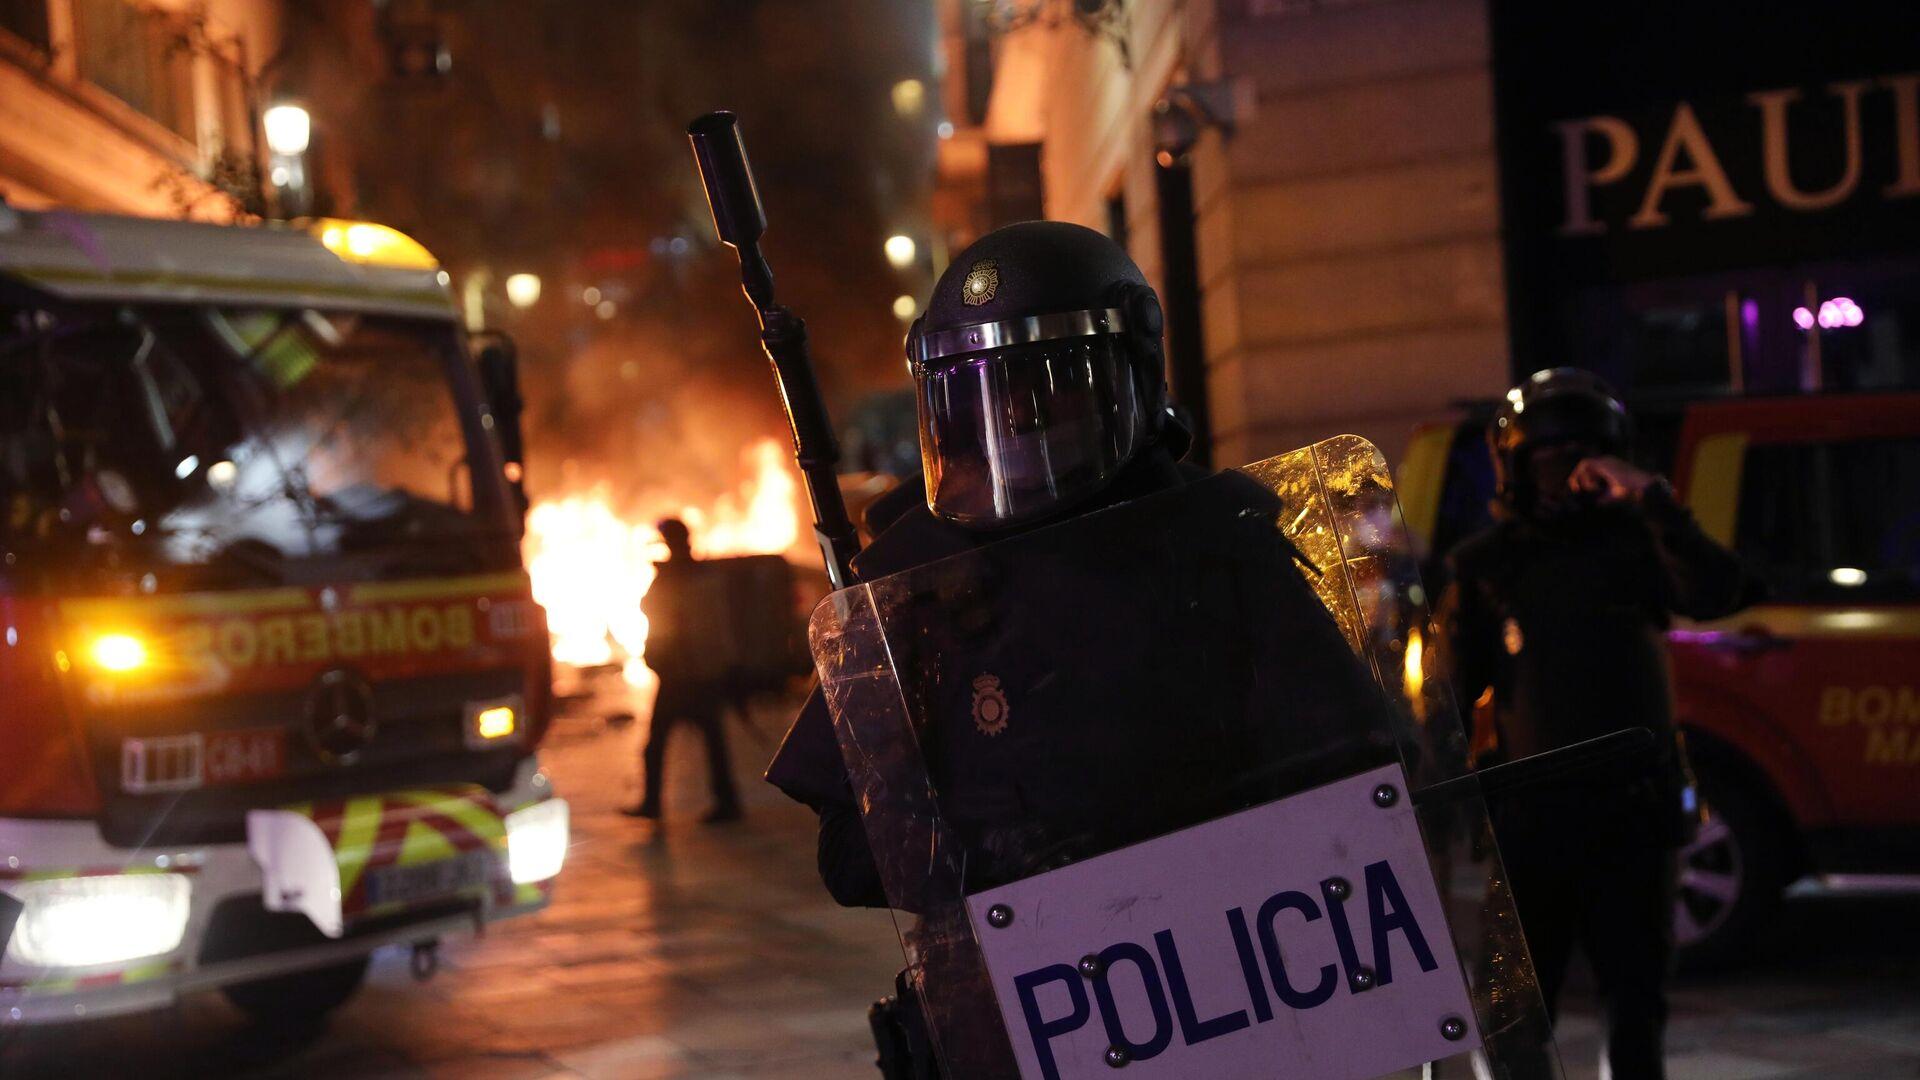 Сотрудник полиции во время акции протеста в поддержку рэпера Пабло Аселя, приговоренного к девяти месяцам заключения за оскорбление монархии и прославление леворадикального терроризма, на площади Пуэрта-дель-Соль в Мадриде - РИА Новости, 1920, 18.02.2021